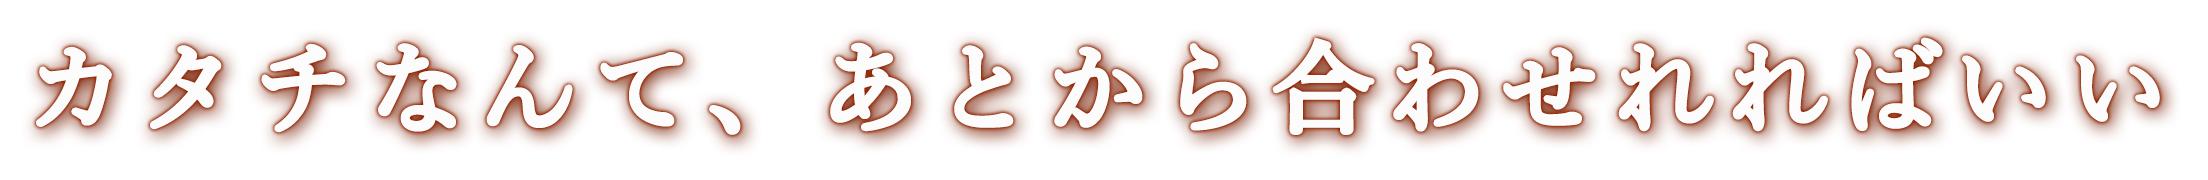 http://www.suncityhall.jp/H30.1%E6%9C%88%E2%91%A0.jpg